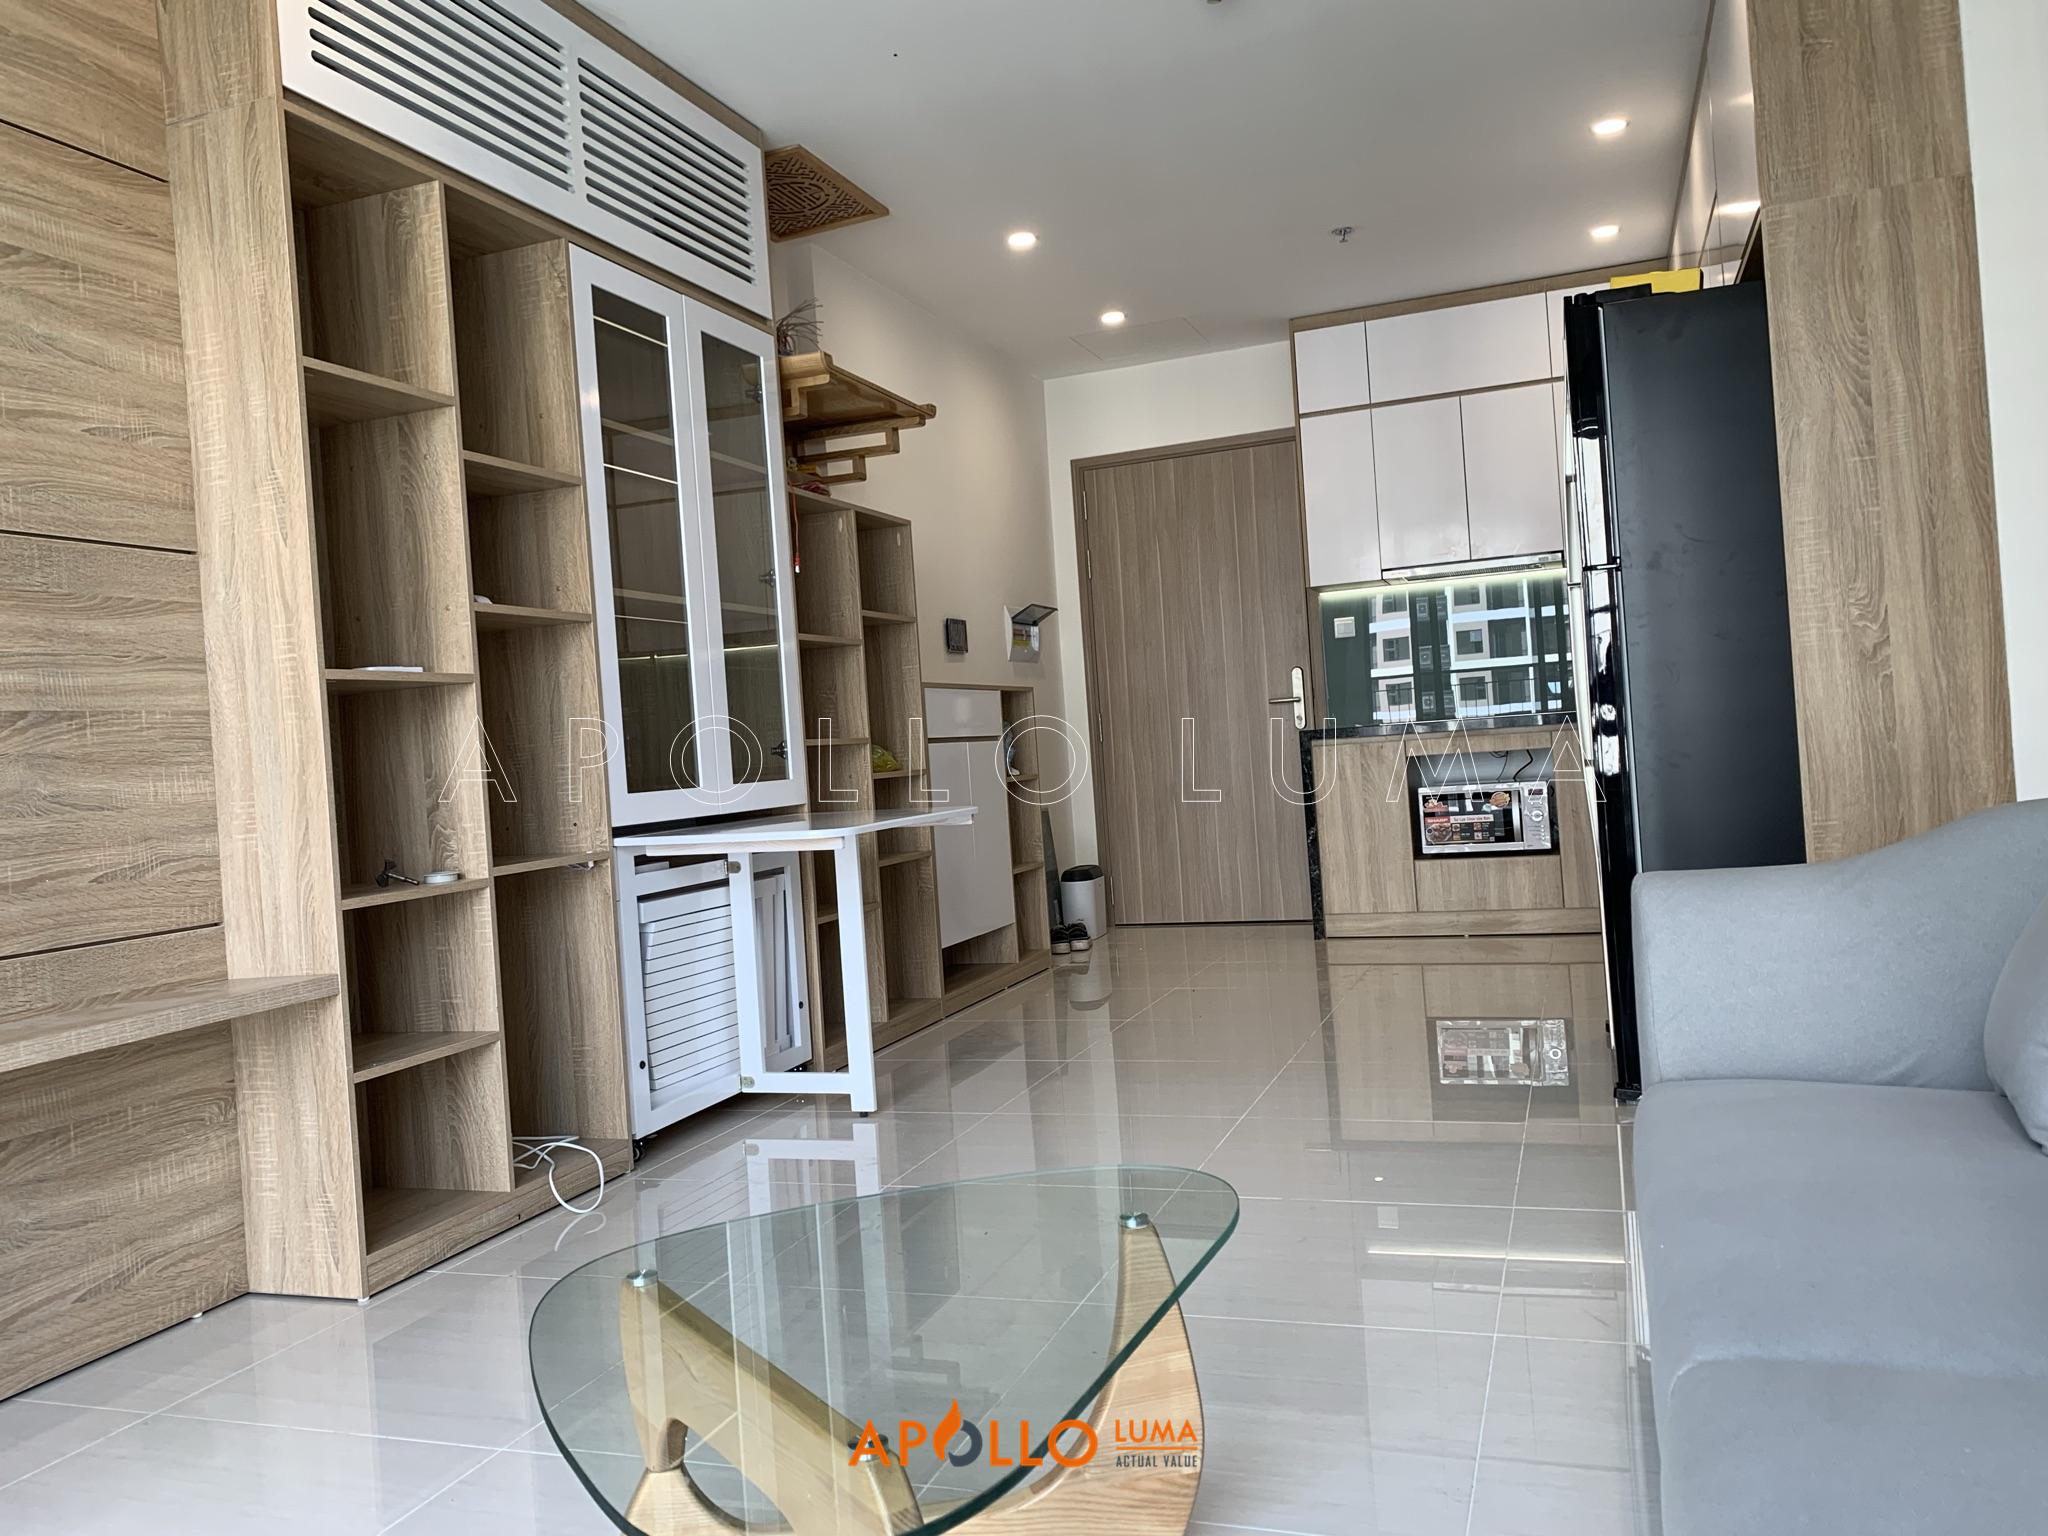 Bàn giao công trình nội thất căn hộ 3 Phòng Ngủ S1.05-16 Vinhomes Ocean Park